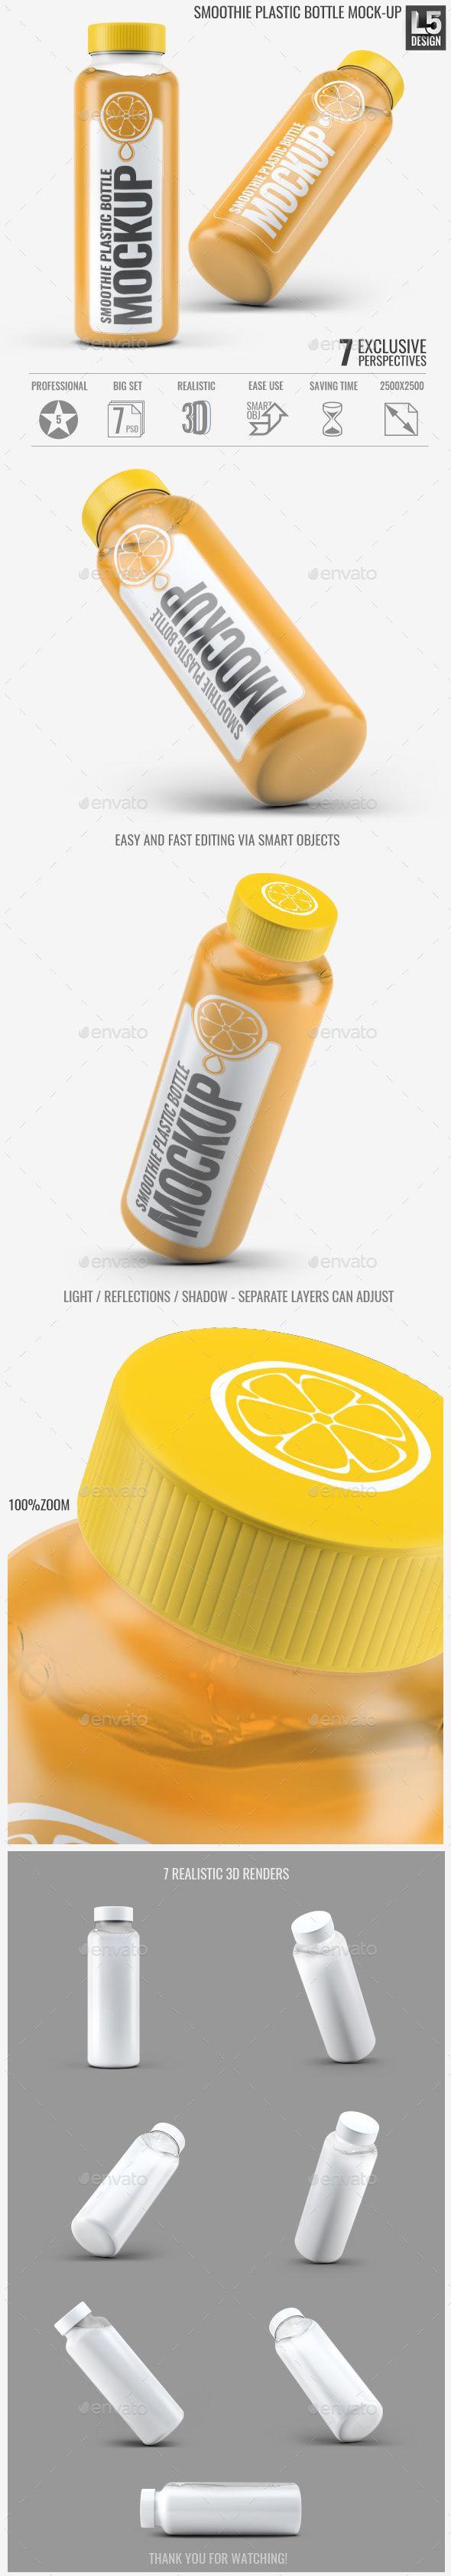 Smoothie Plastic Bottle Mock-Up. Download here: http://graphicriver.net/item/smoothie-plastic-bottle-mockup/15513879?ref=ksioks